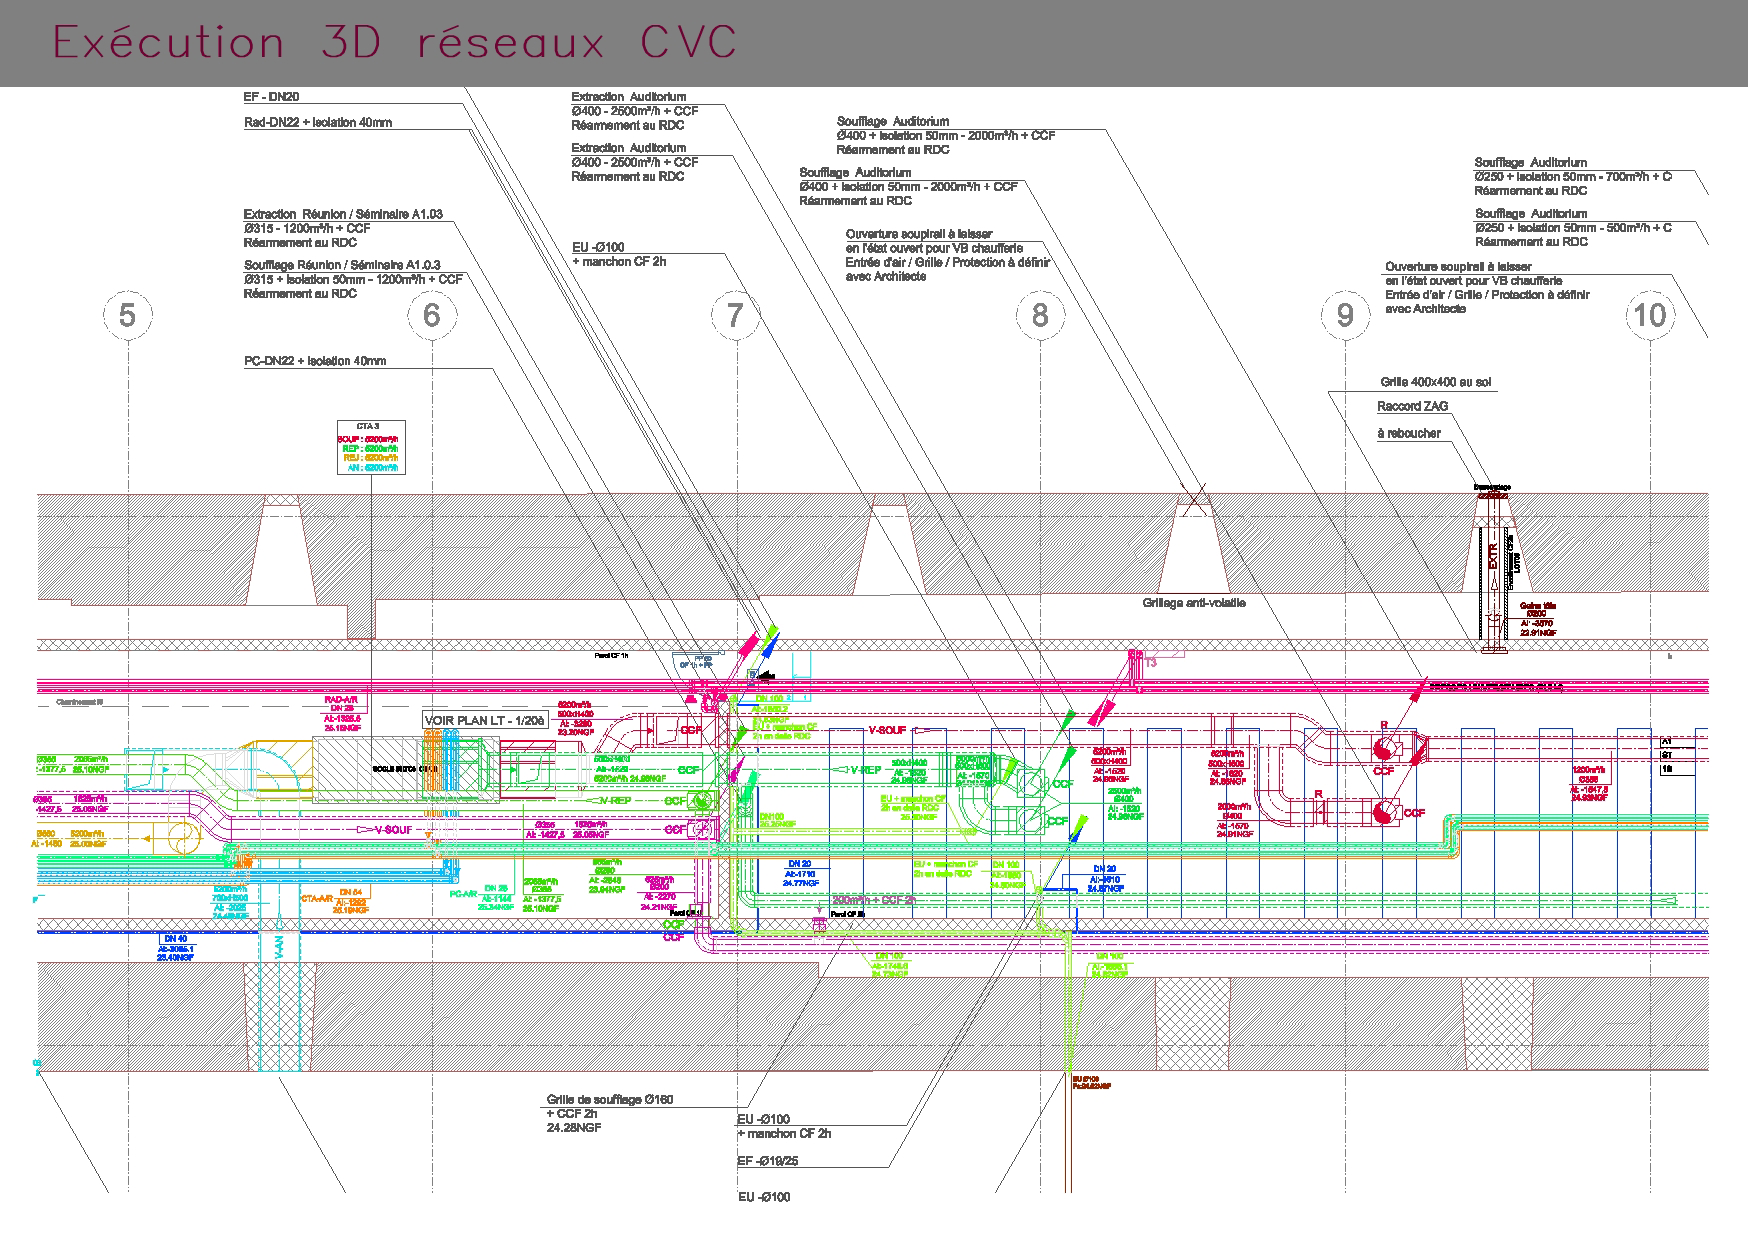 Plan d'exécution 3D de réseaux CVC